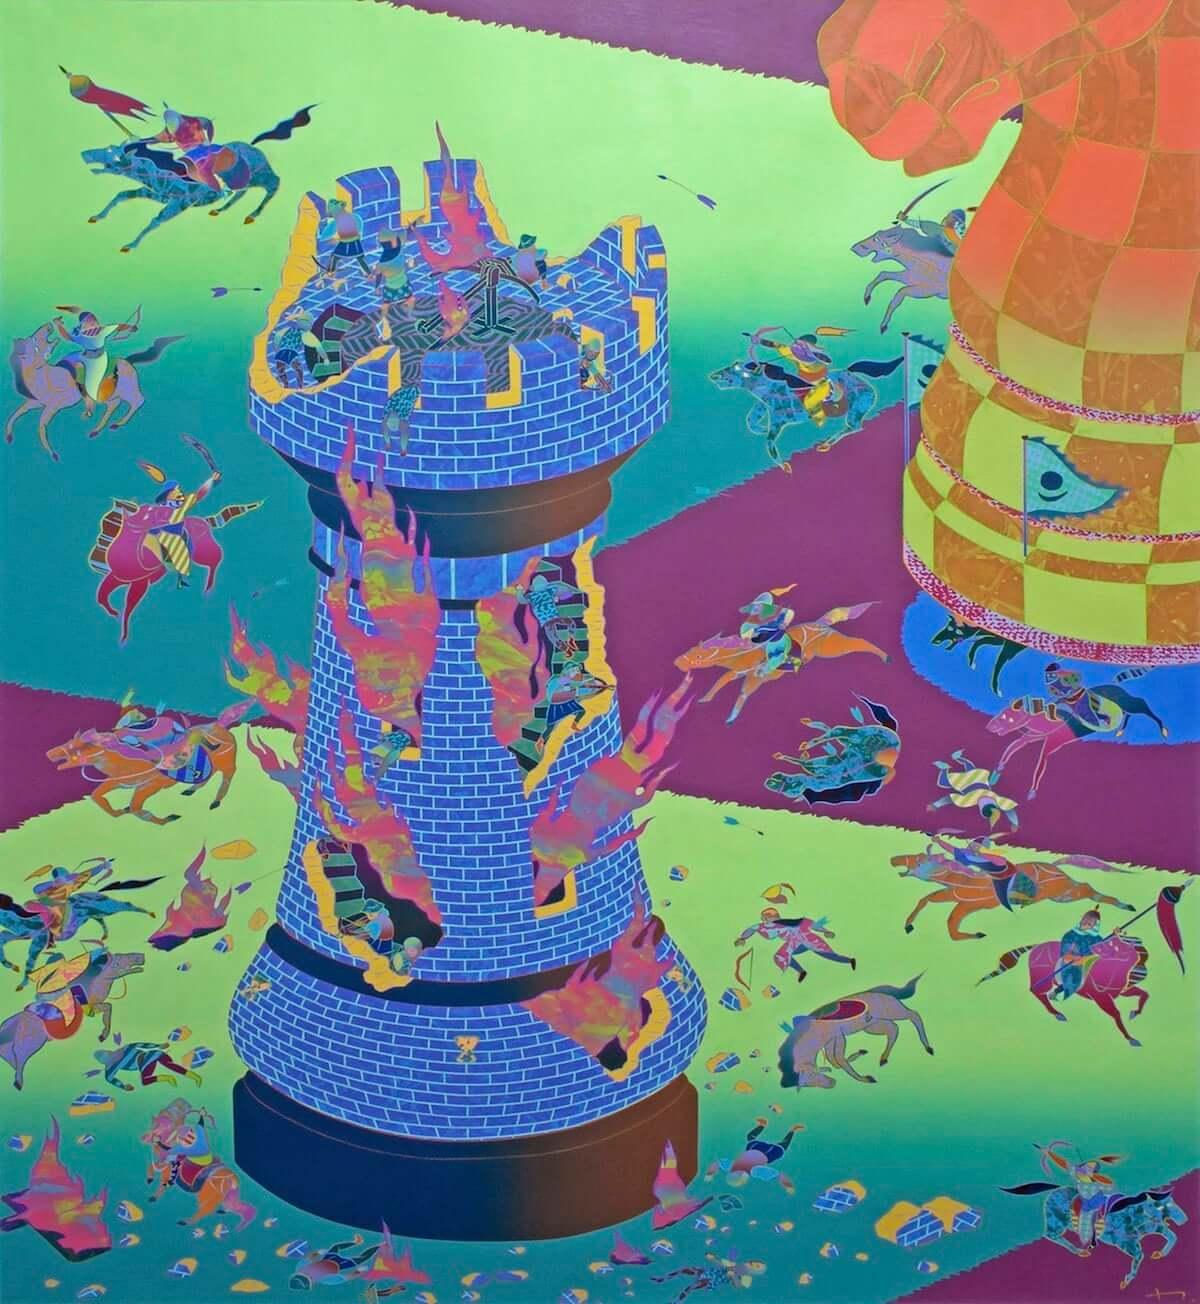 一林保久道|動的で日本的、奇抜で皮肉、摩訶不思議な注目ペインターの初インタビュー art-culture181115-anagra-hokuto-ichibayashi-melee-close-in-4-1200x1304